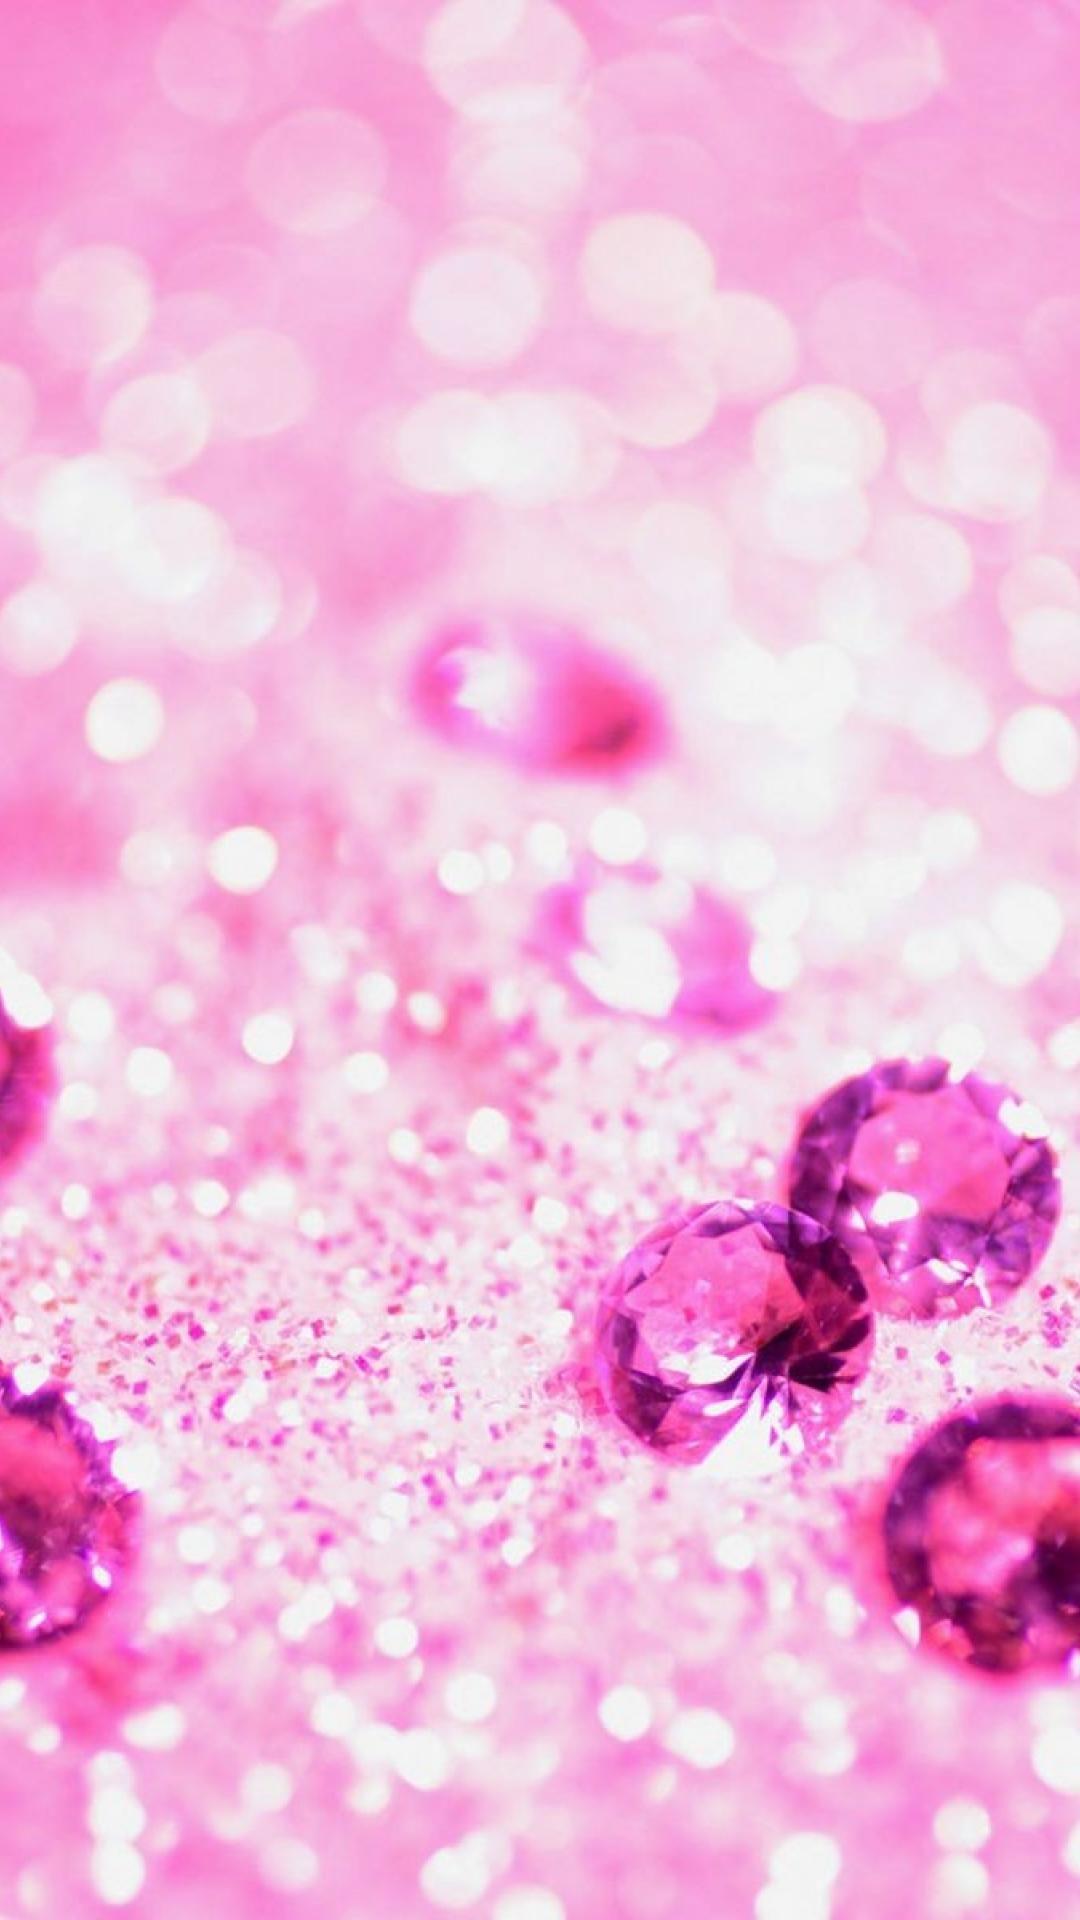 ピンク おしゃれまとめの人気アイデア Pinterest Maryjo Carreira グリッター背景 Iphoneグリッター壁紙 ピンク 背景